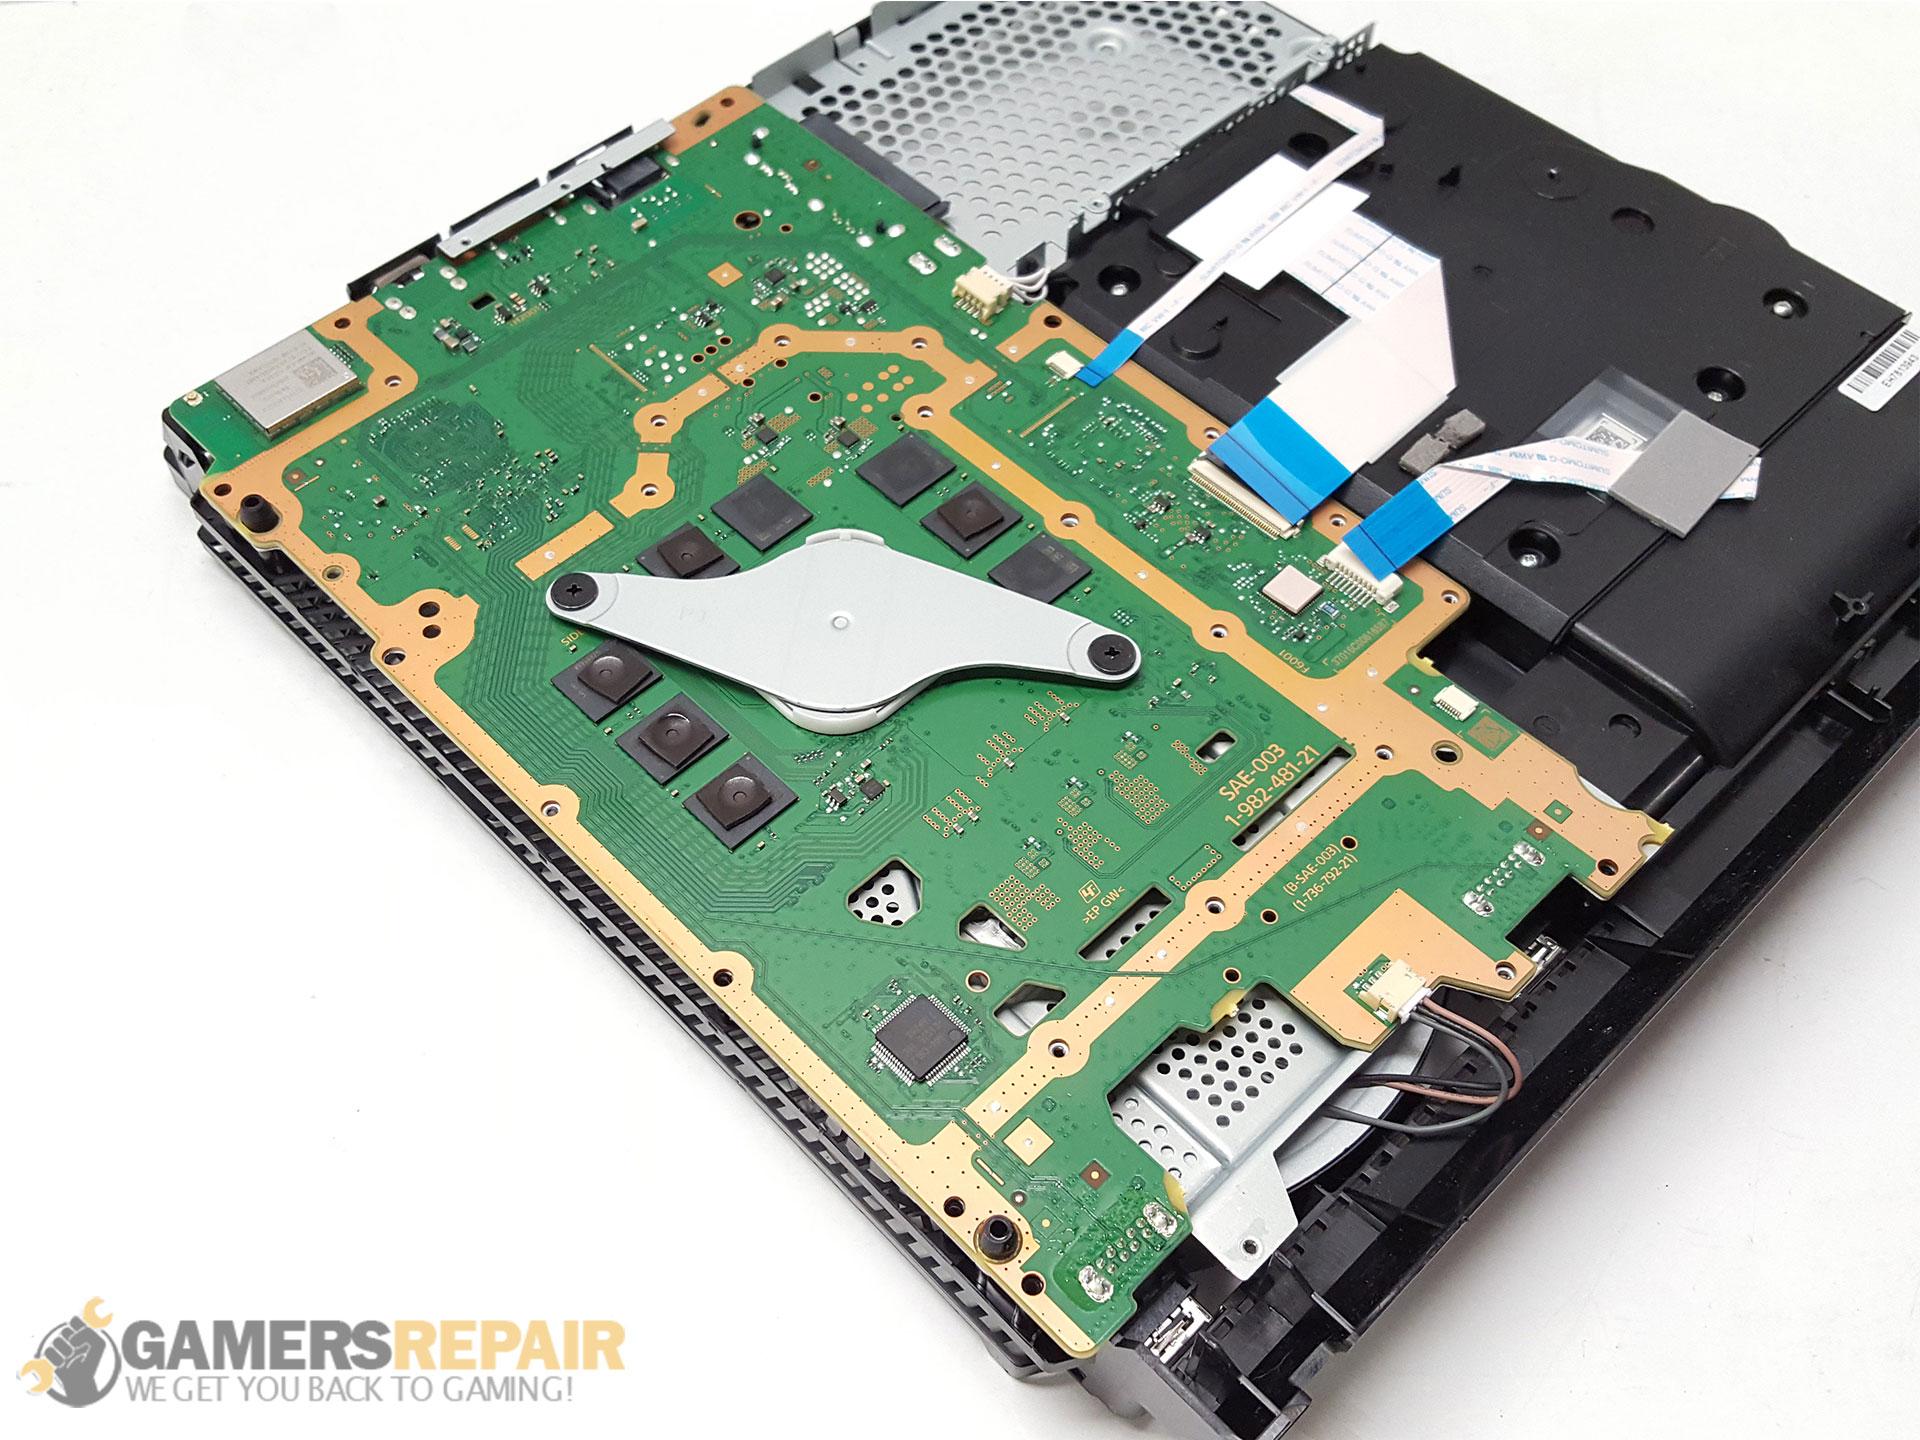 ps4-slim-cuh-2115-motherboard-installed-1.jpg